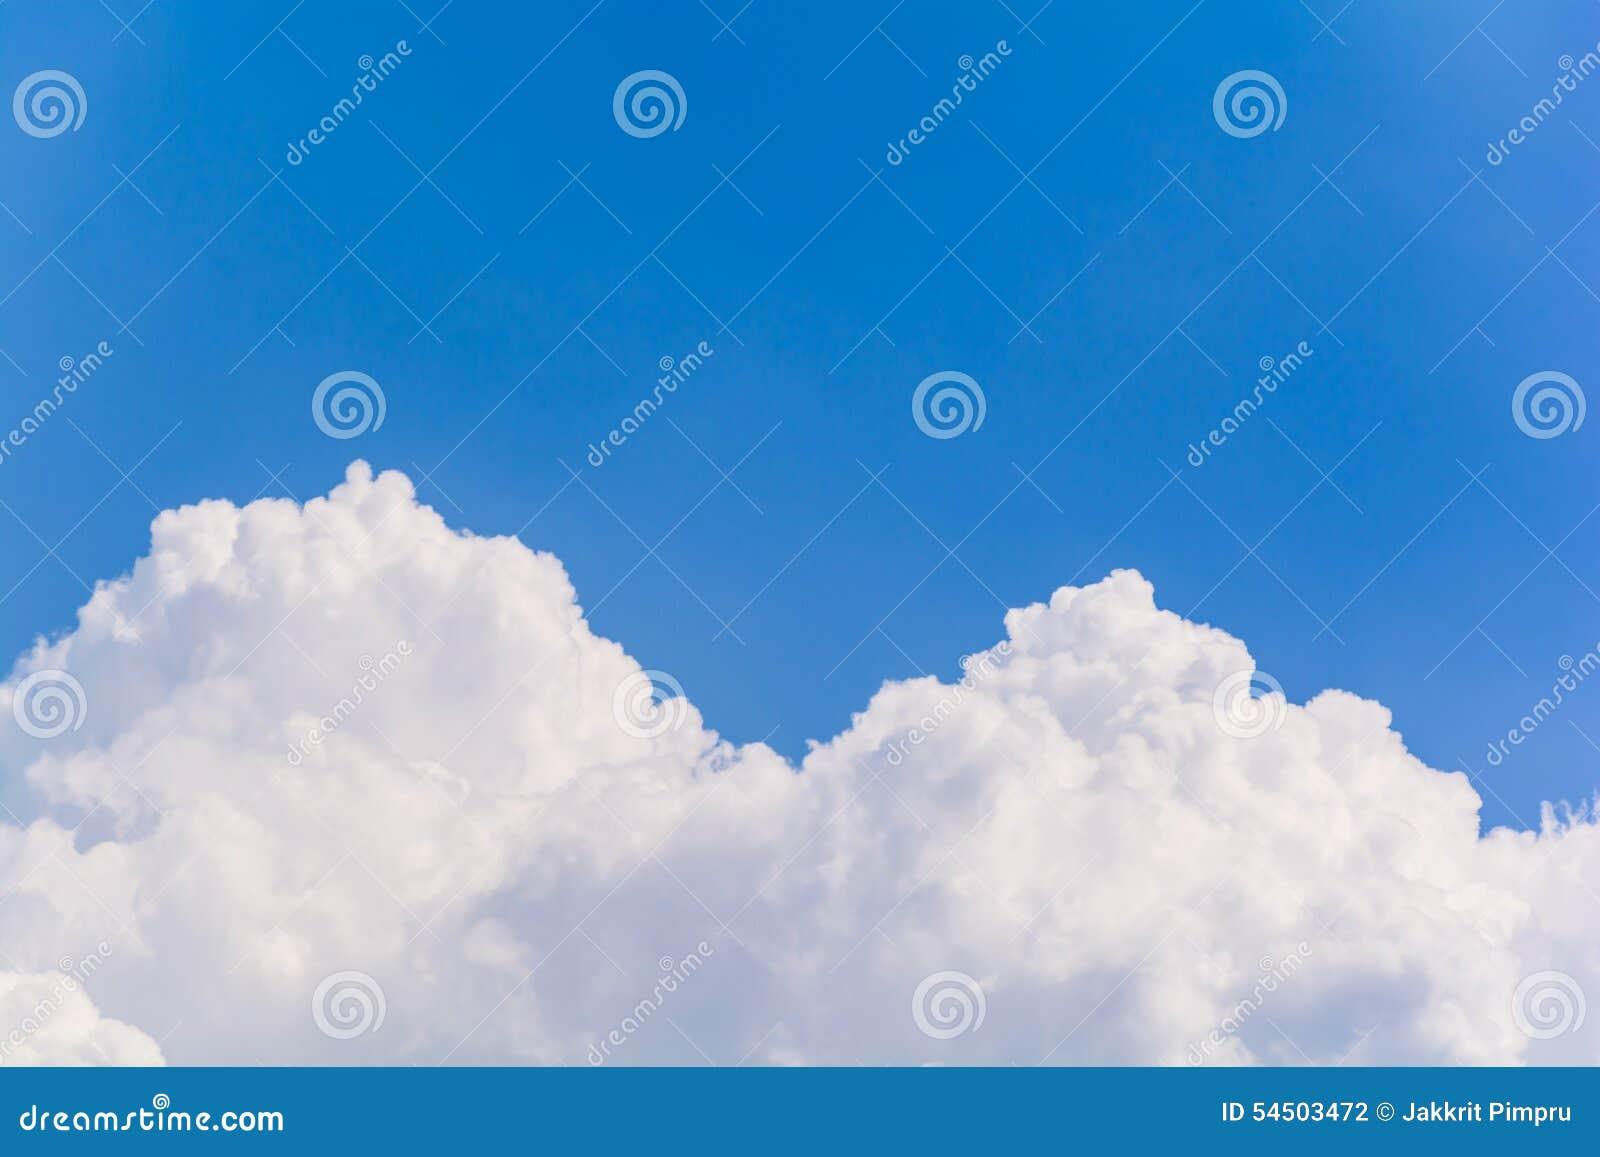 Ciel bleu et nuages pendant l été